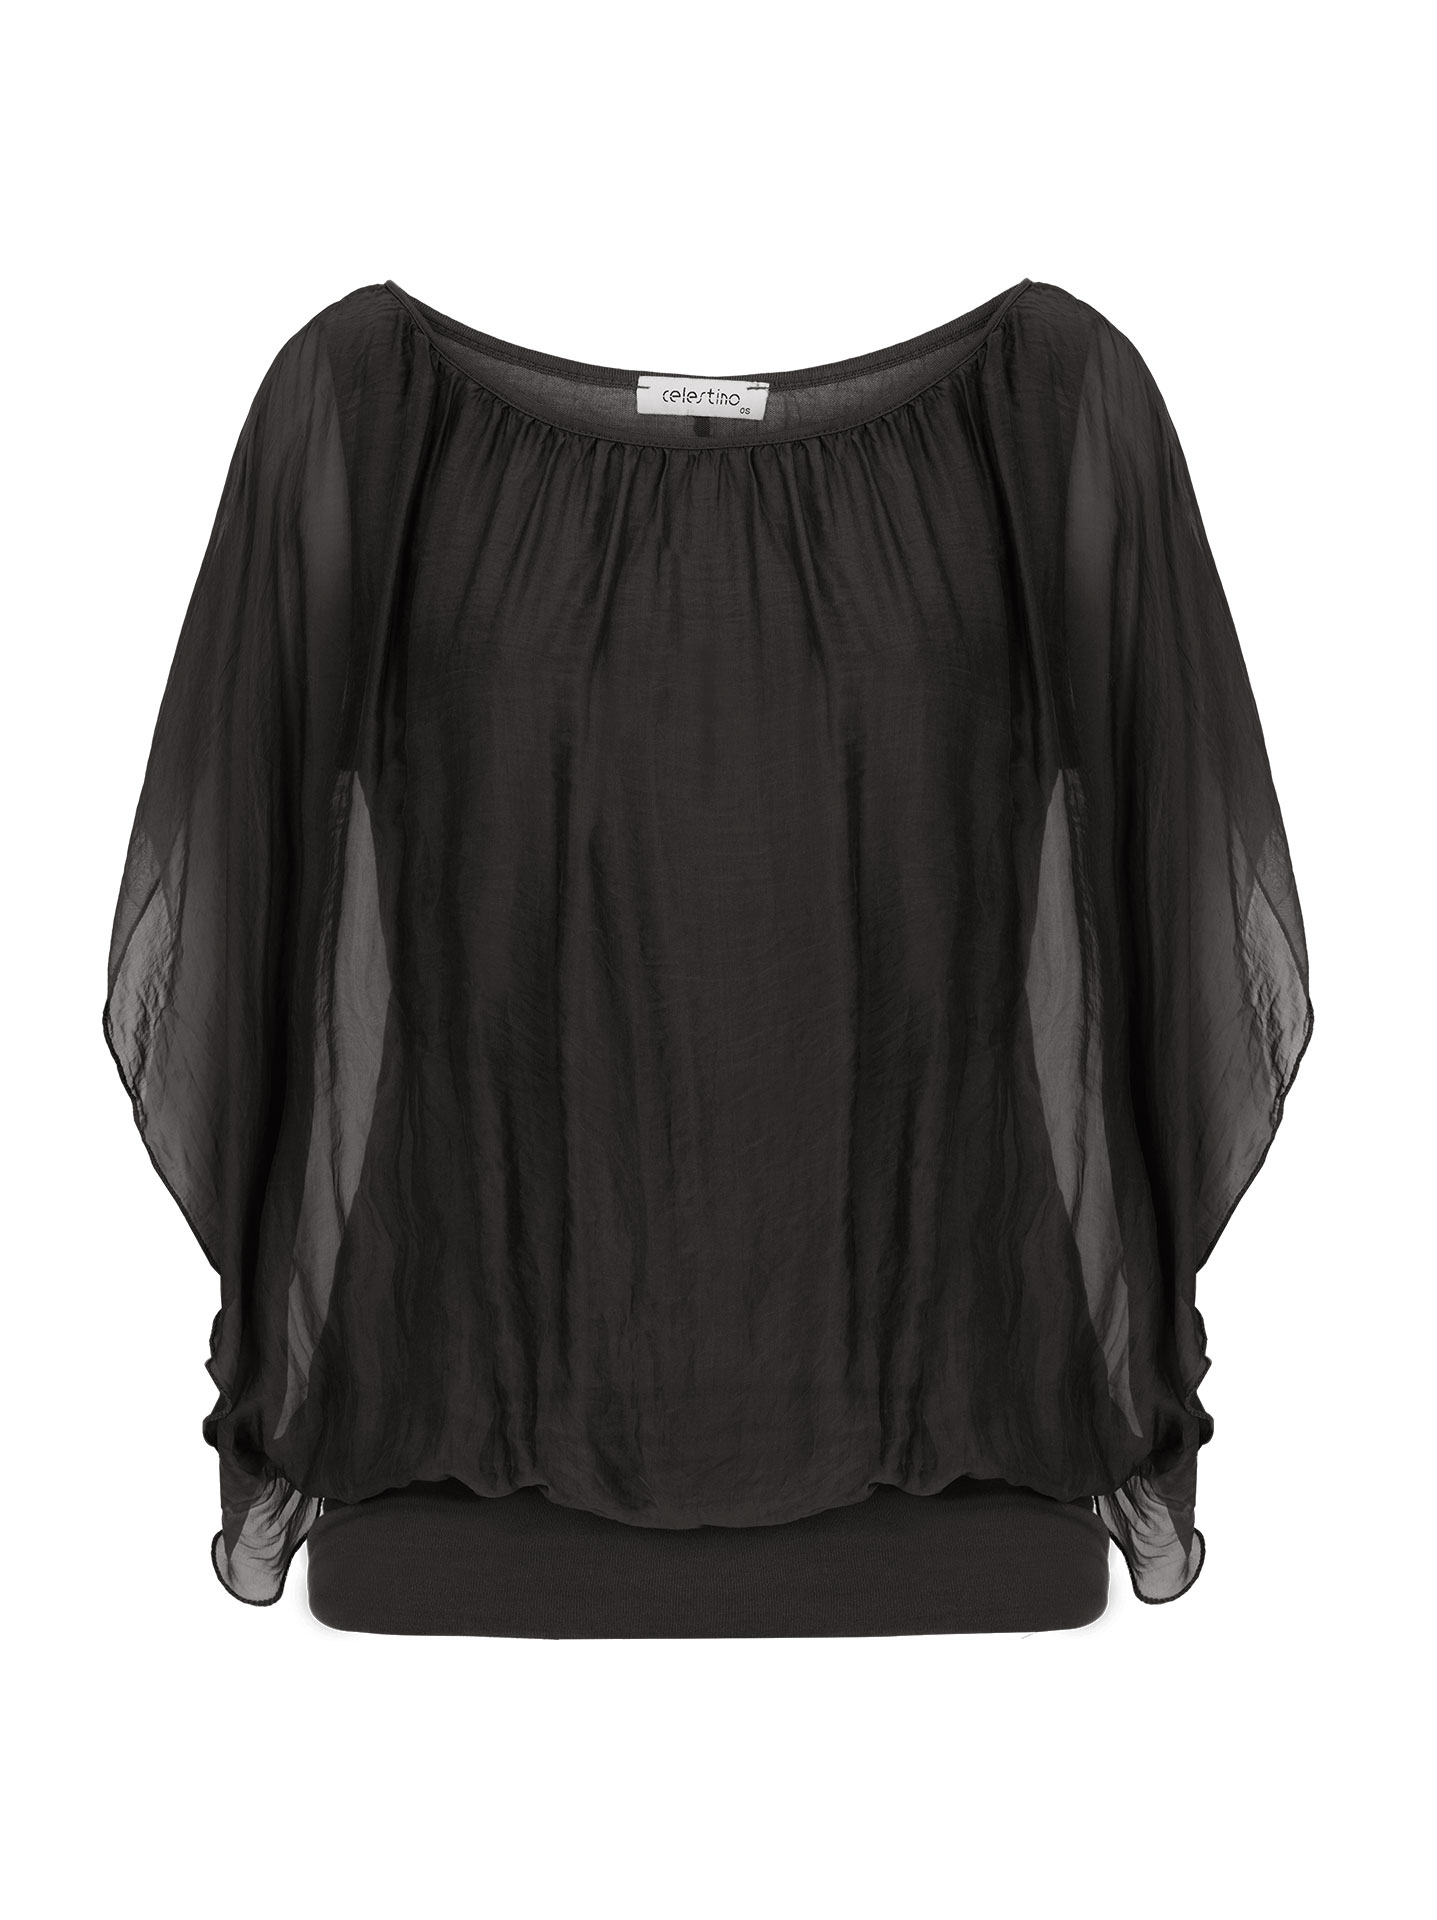 09ad51f09cbd Μπλούζα με διπλό ύφασμα σε μαυρο